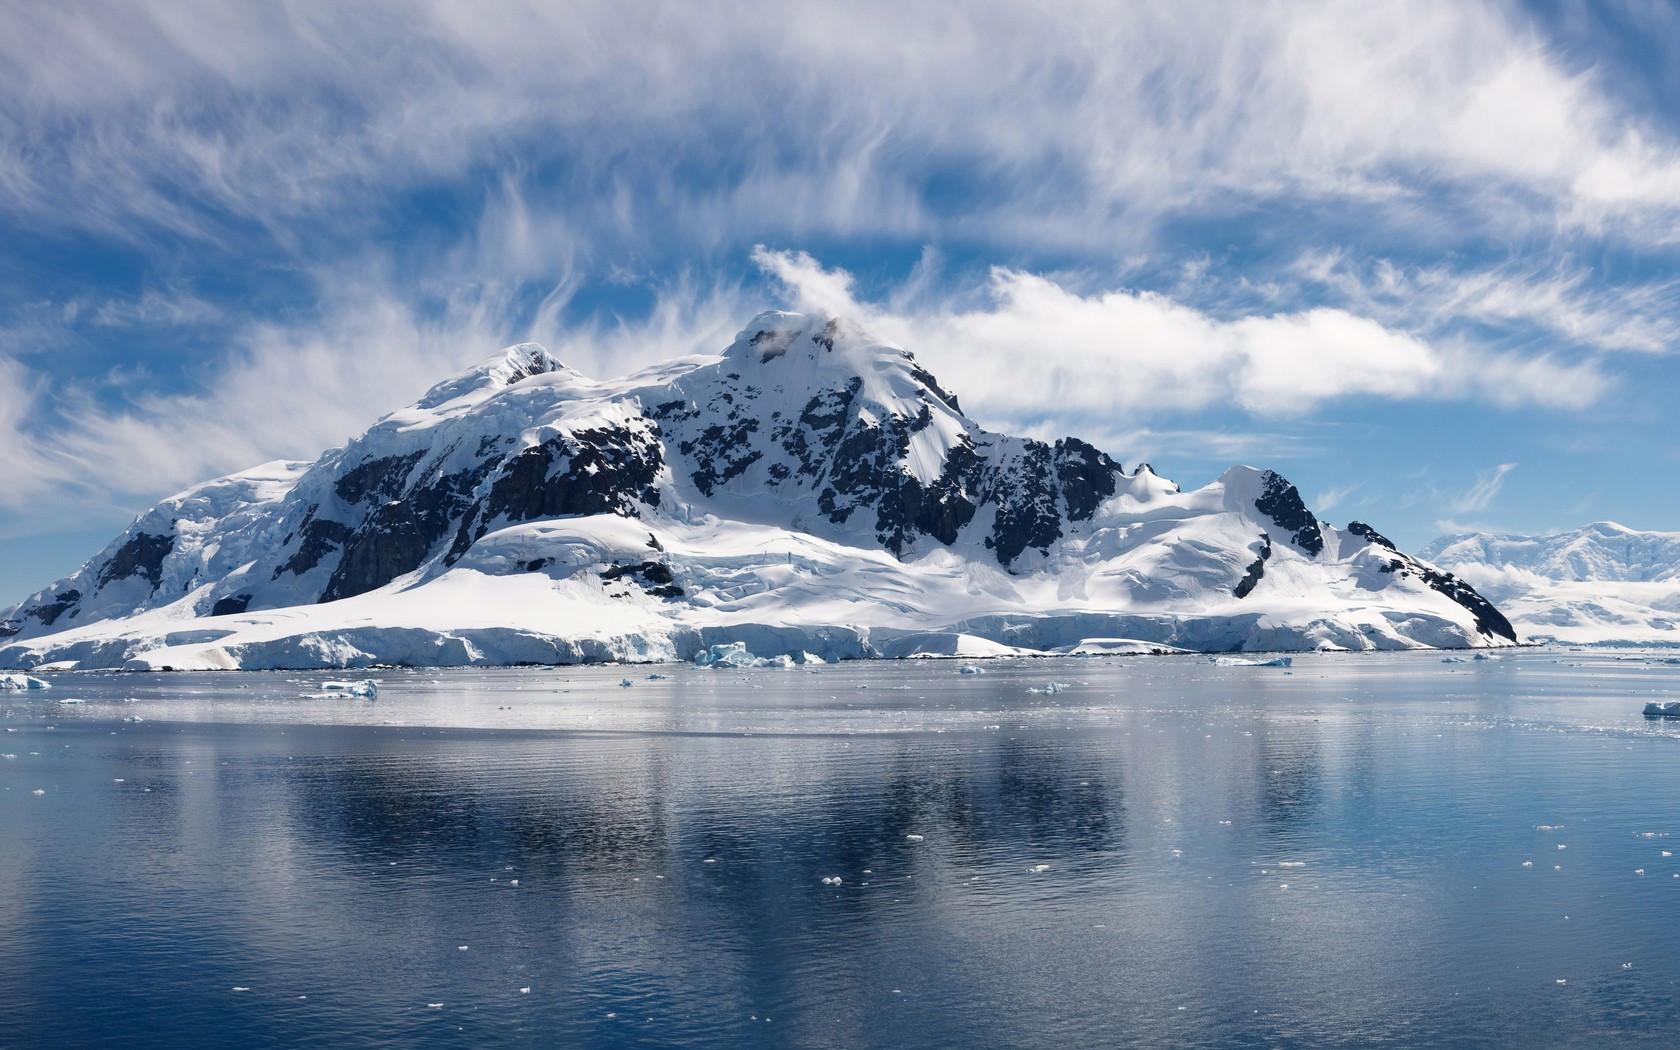 Днем знаний, красивые картинки на рабочий стол горы и море